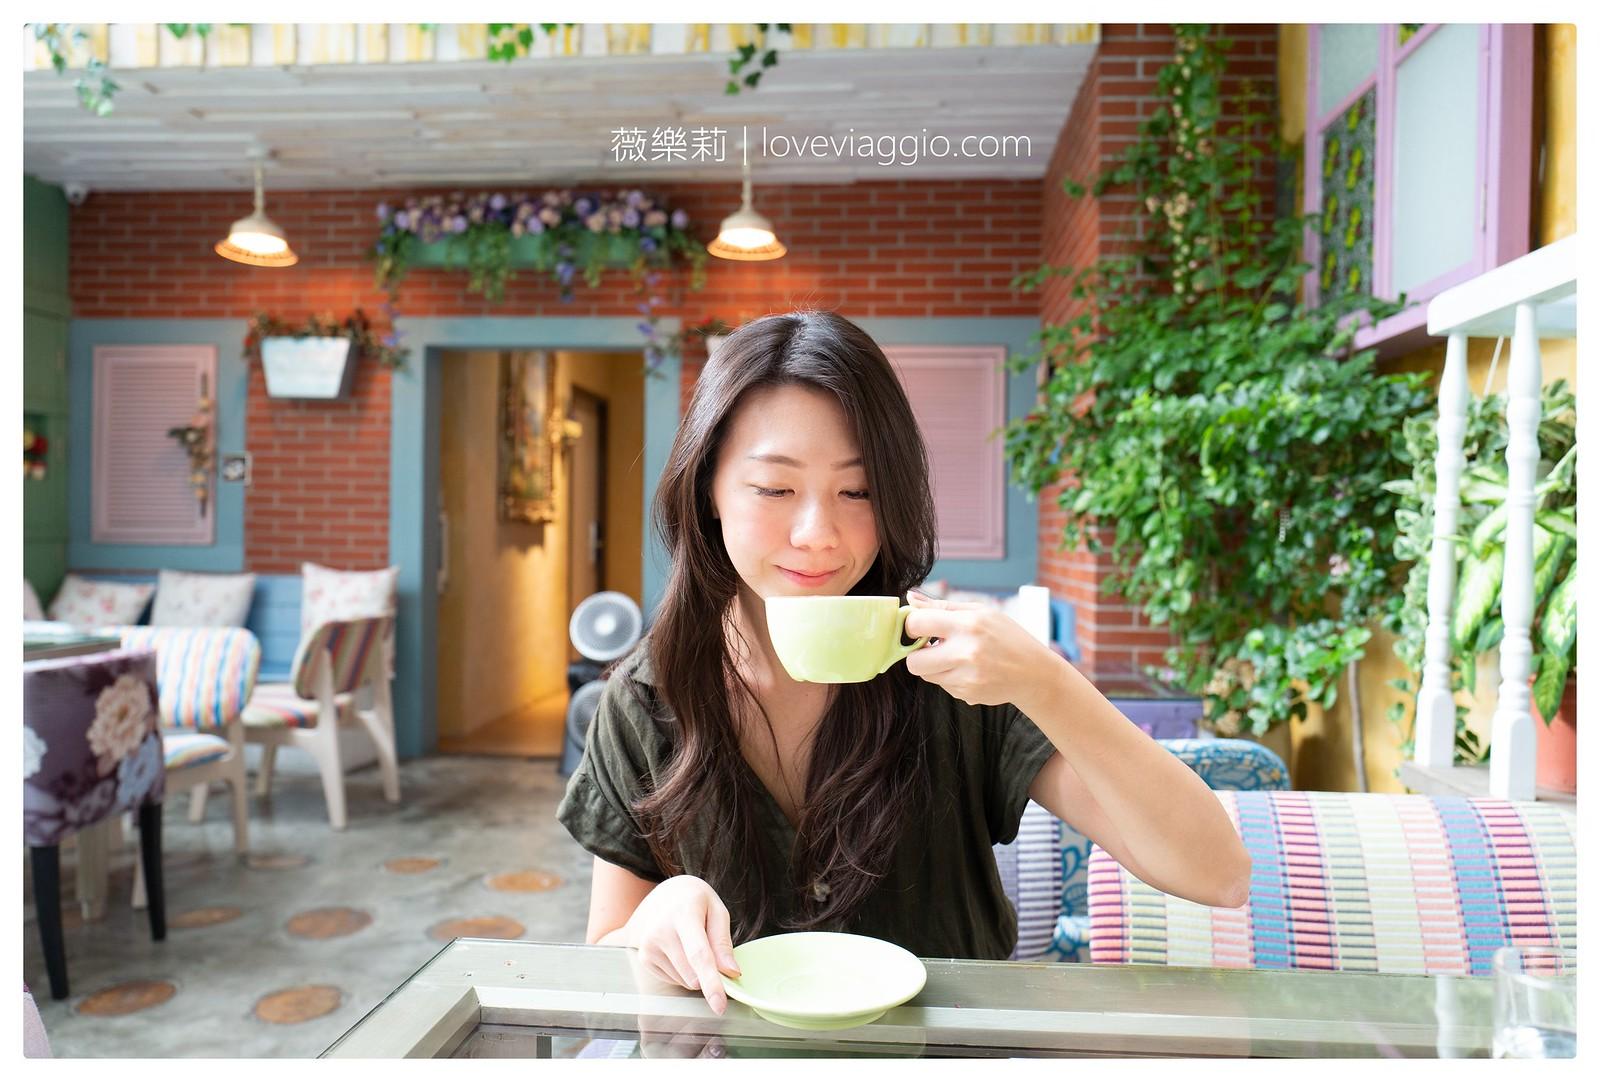 【台北 Taipei】大稻埕花園旅店餐廳 D.G. Hotel & Cafe 花園風格平價溫馨住宿 @薇樂莉 Love Viaggio | 旅行.生活.攝影